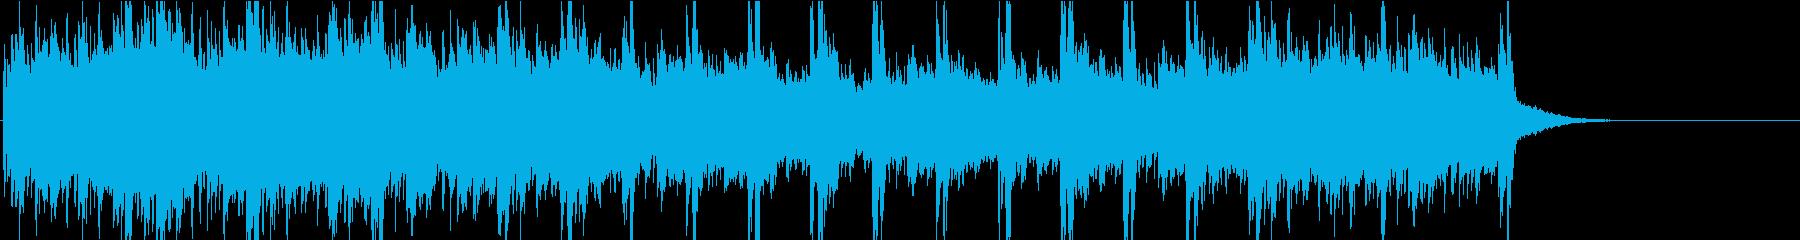 ニューエイジ研究所刺激的な瞑想的な...の再生済みの波形